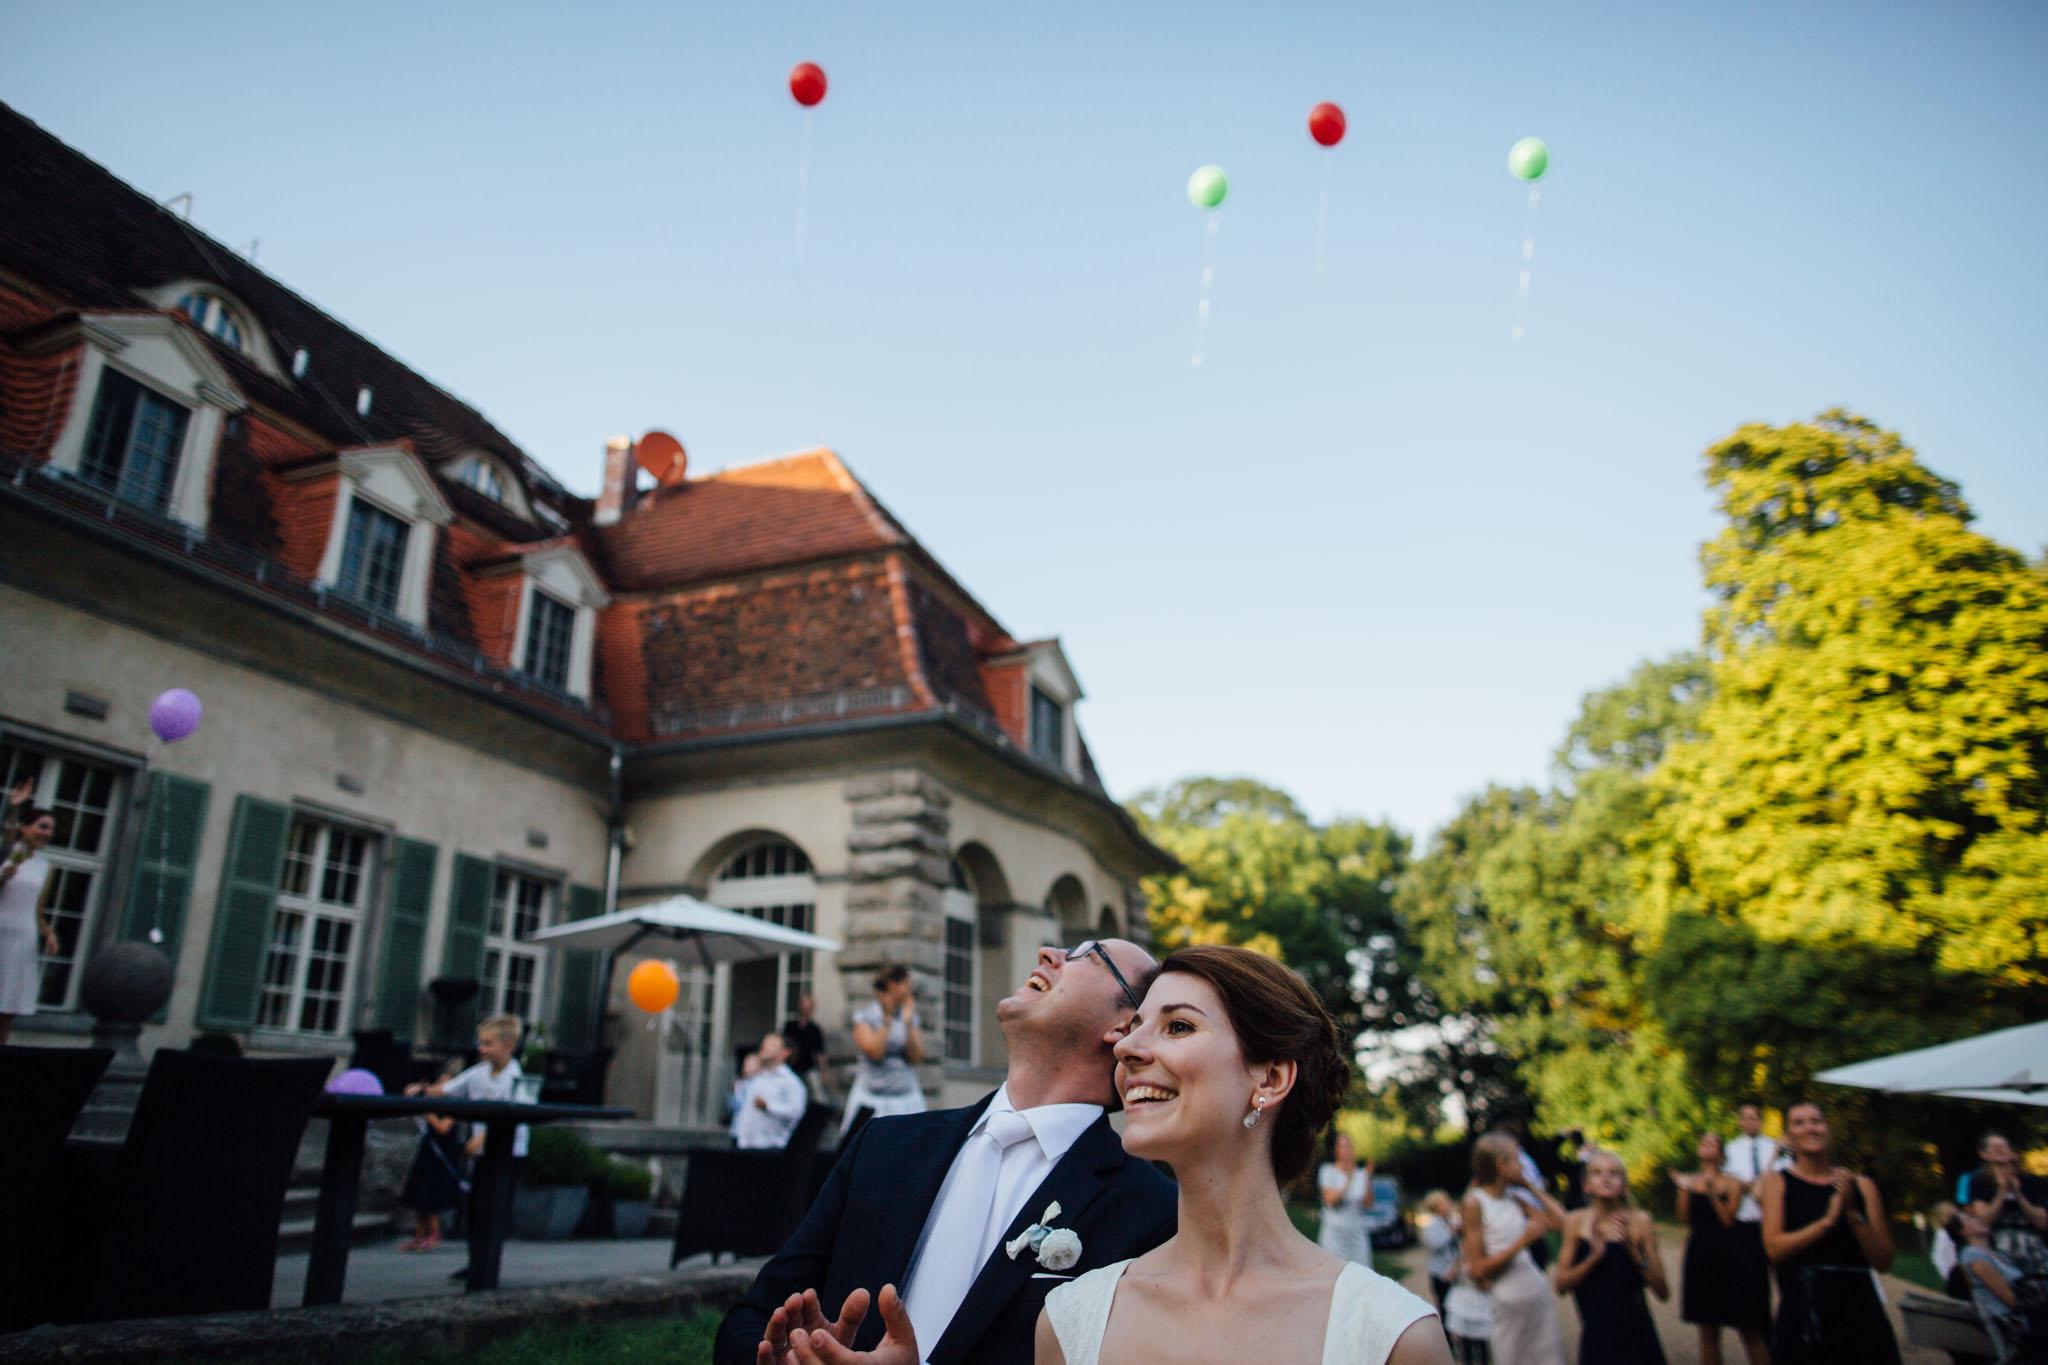 hochzeit-luftballons-feiern-reportage-fotograf